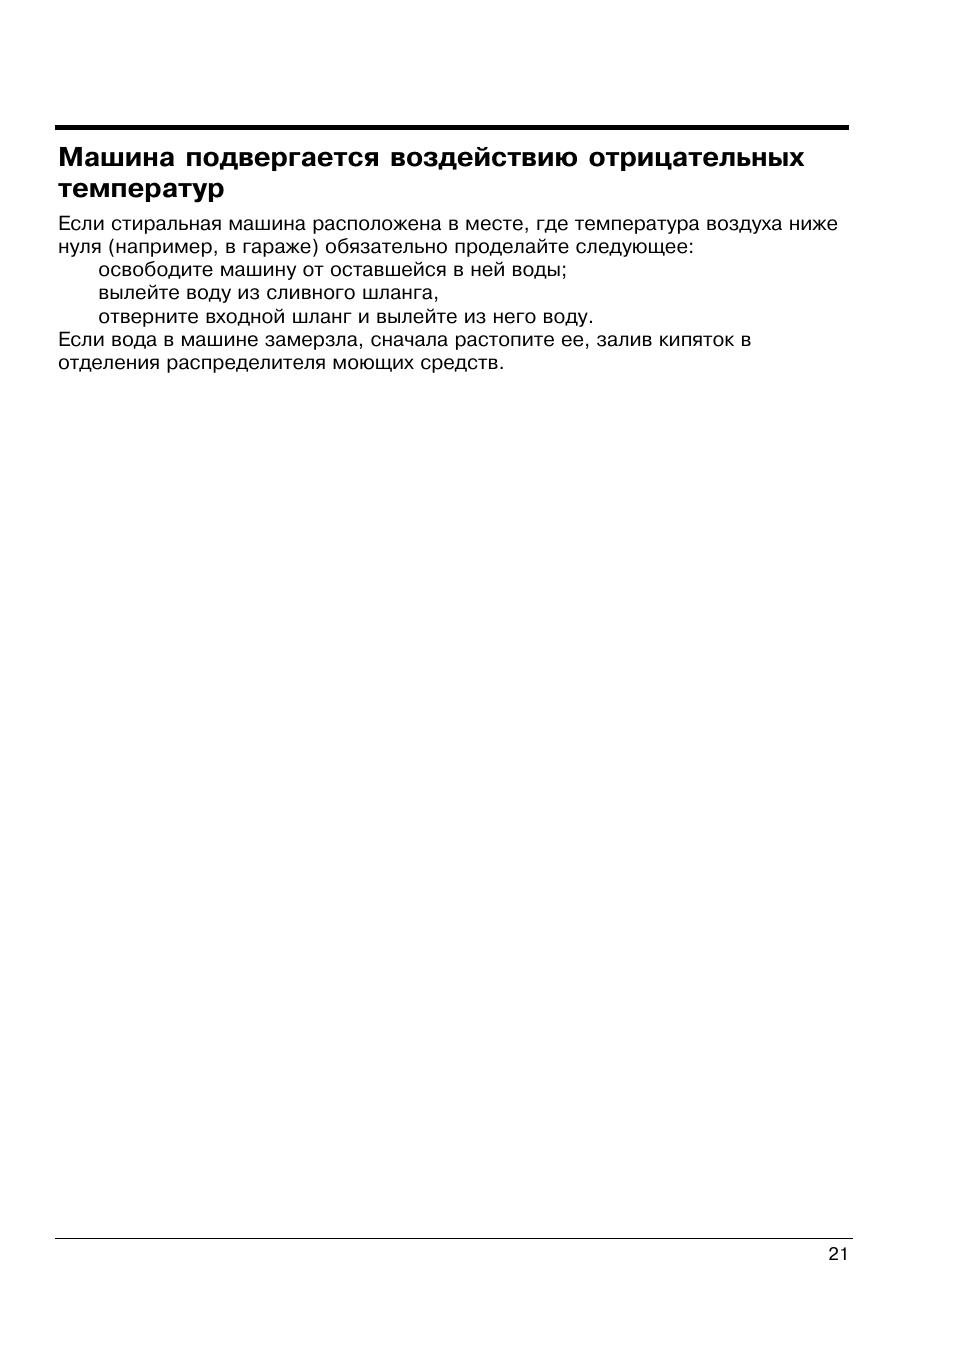 инструкция по эксплуатации ariston as 1047 ctx